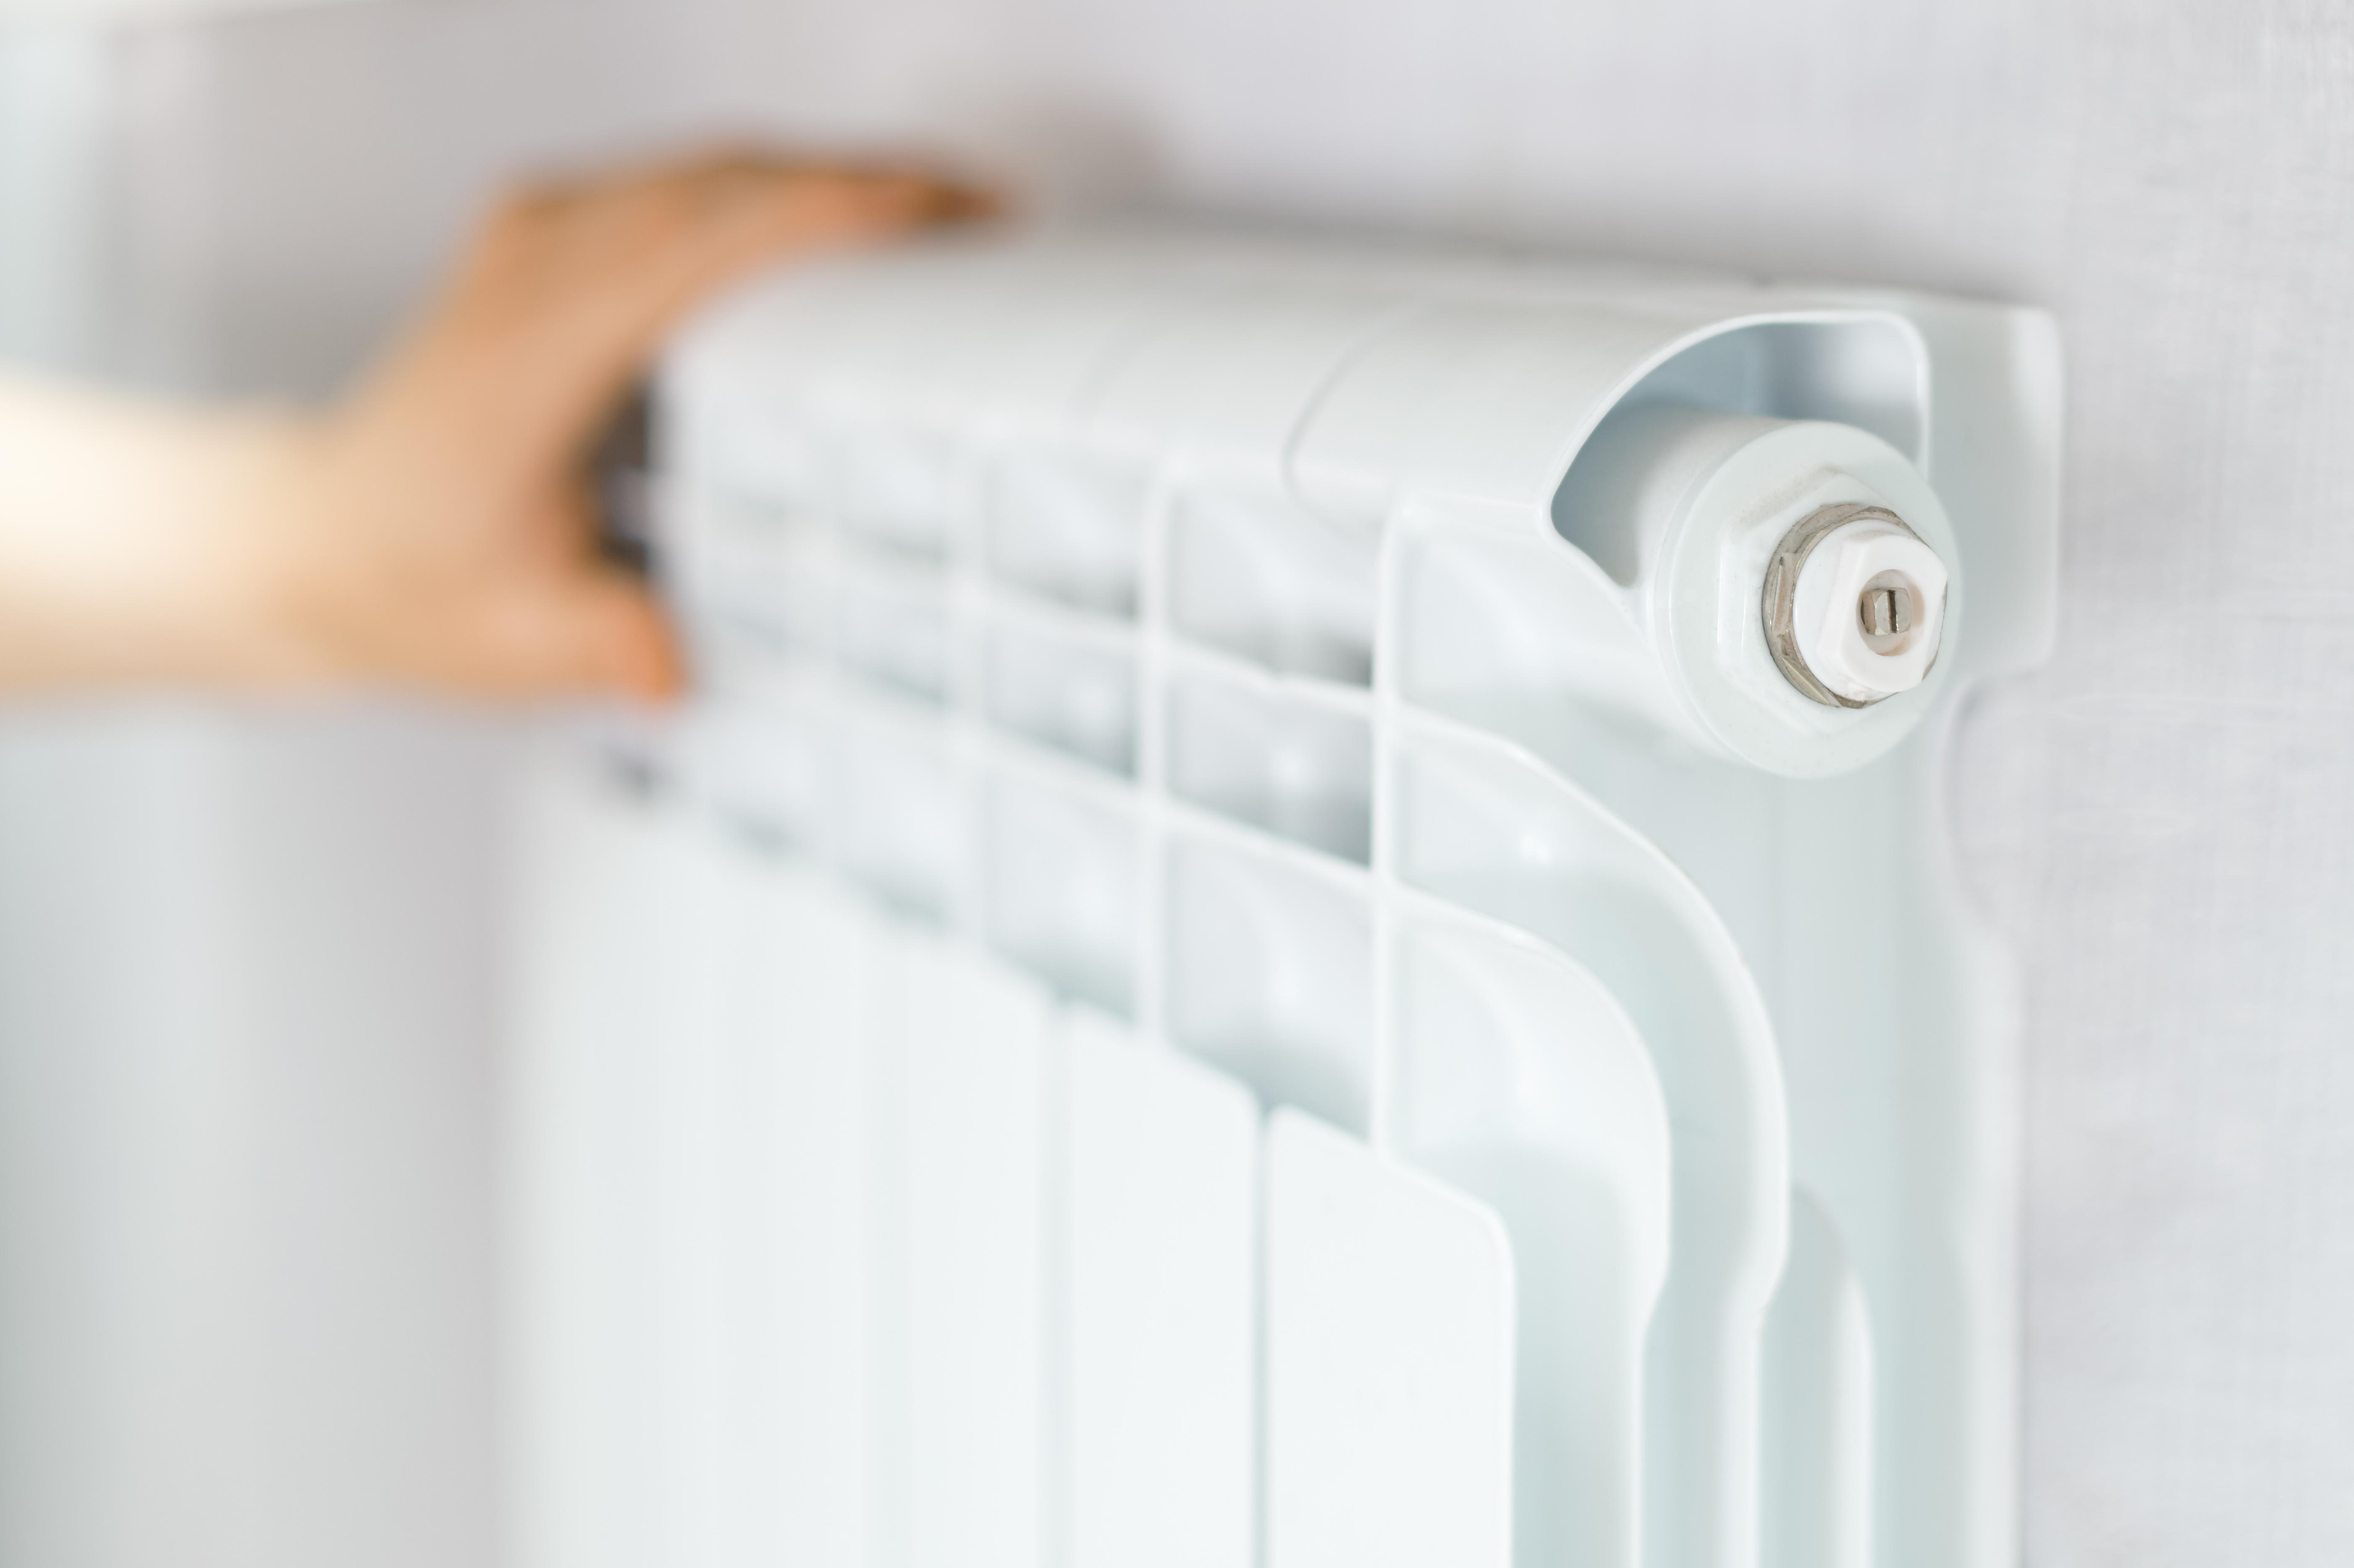 Instalaciones de Calefacción de Gas Natural en Bizkaia.Vizcaya - Iusturi, leioa, getxo, bilbao